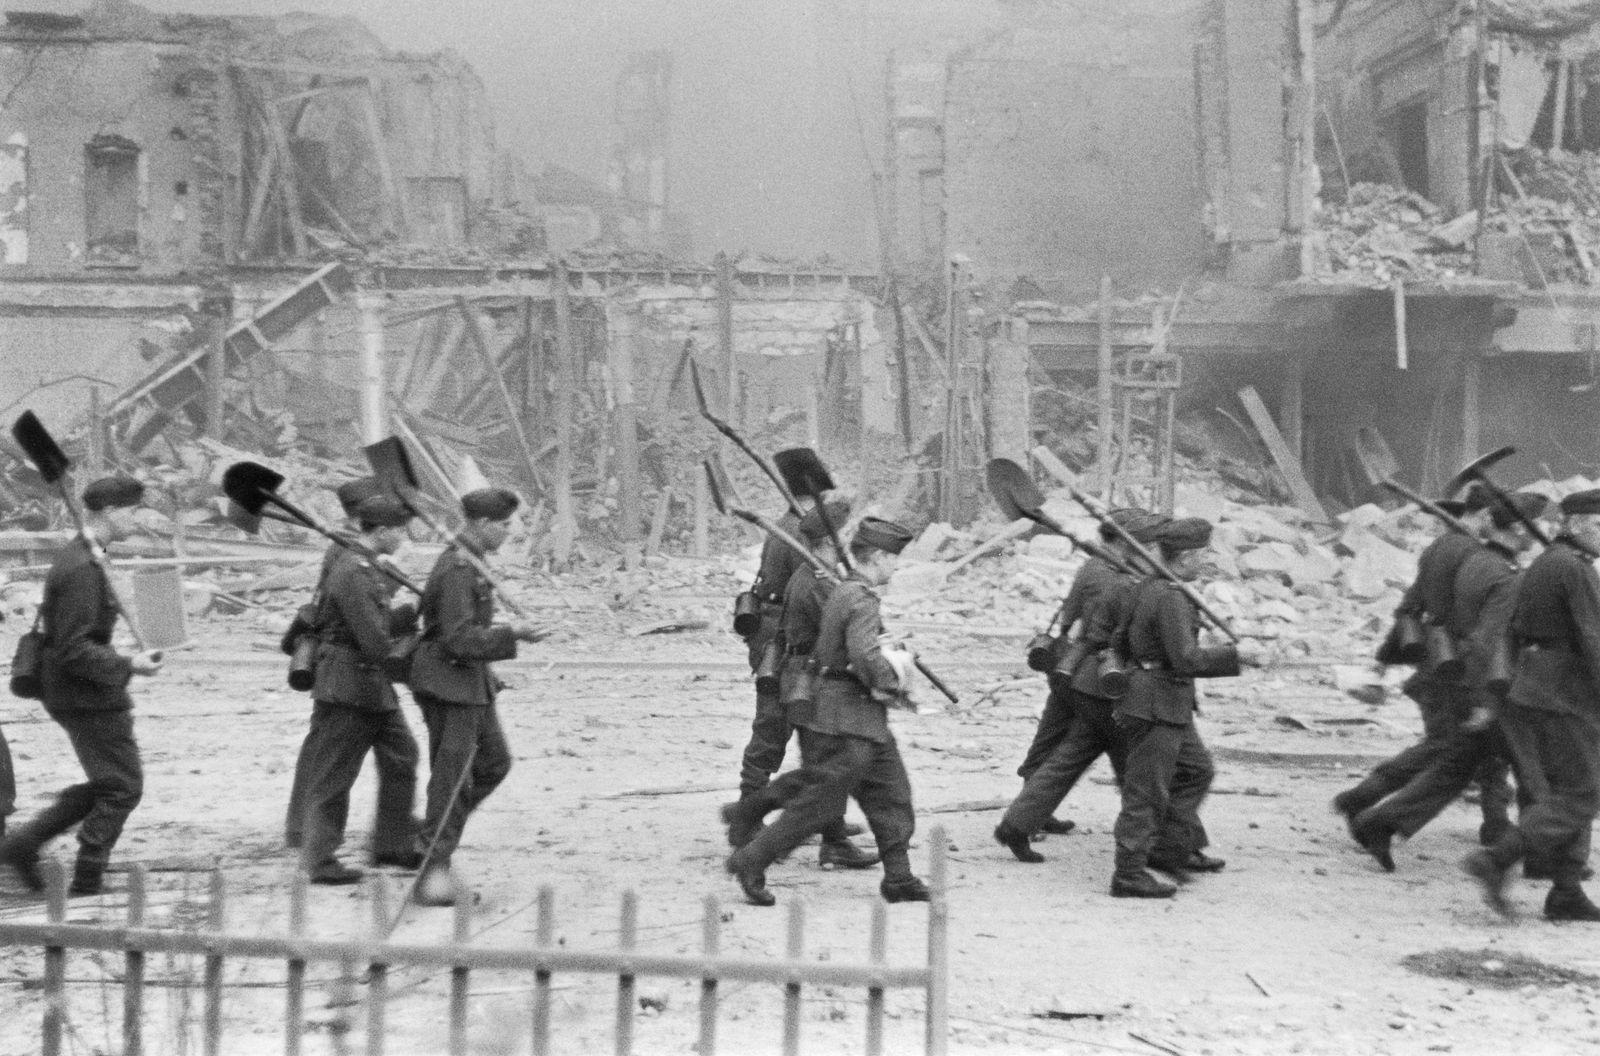 Nach einem alliierten Luftangriff (wahrscheinlich vom 12. Juni 1943)